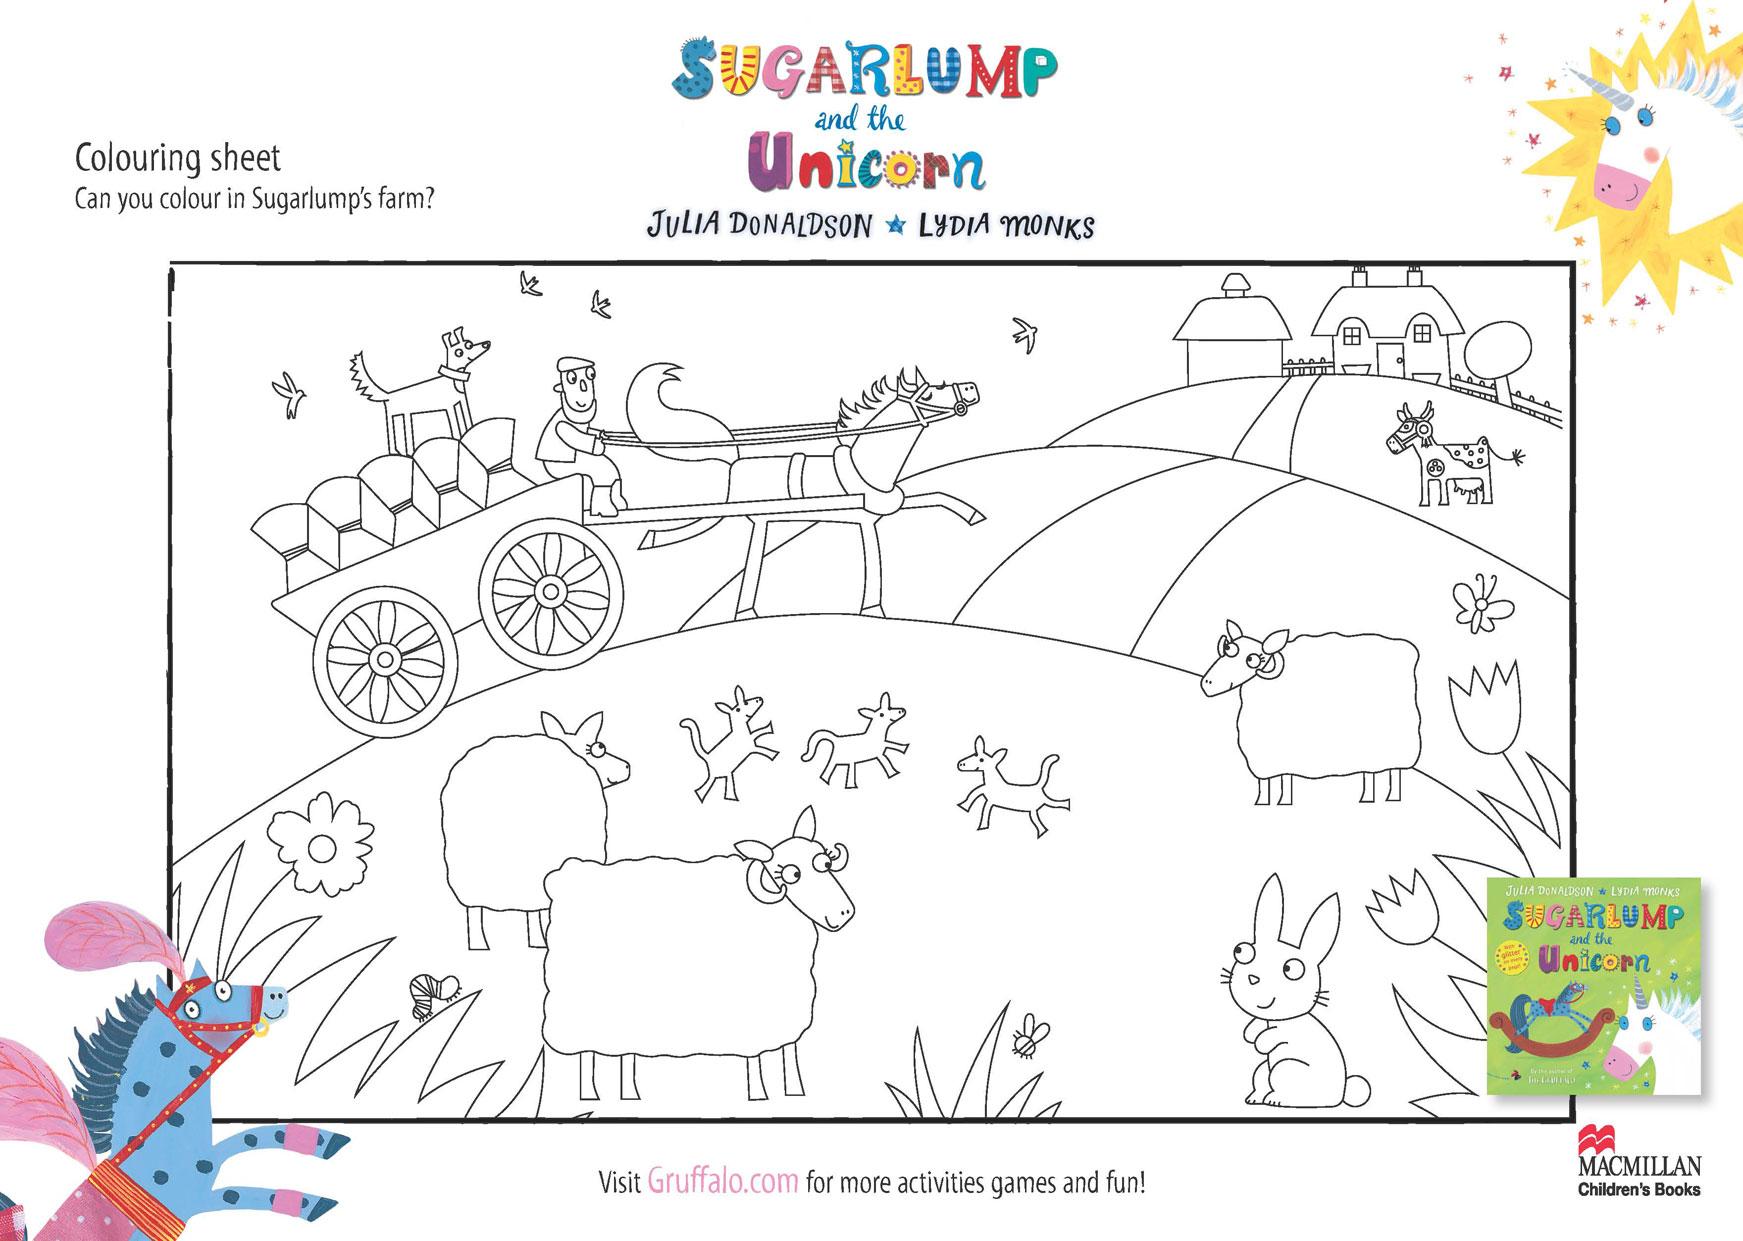 Sugarlump act col 1147746